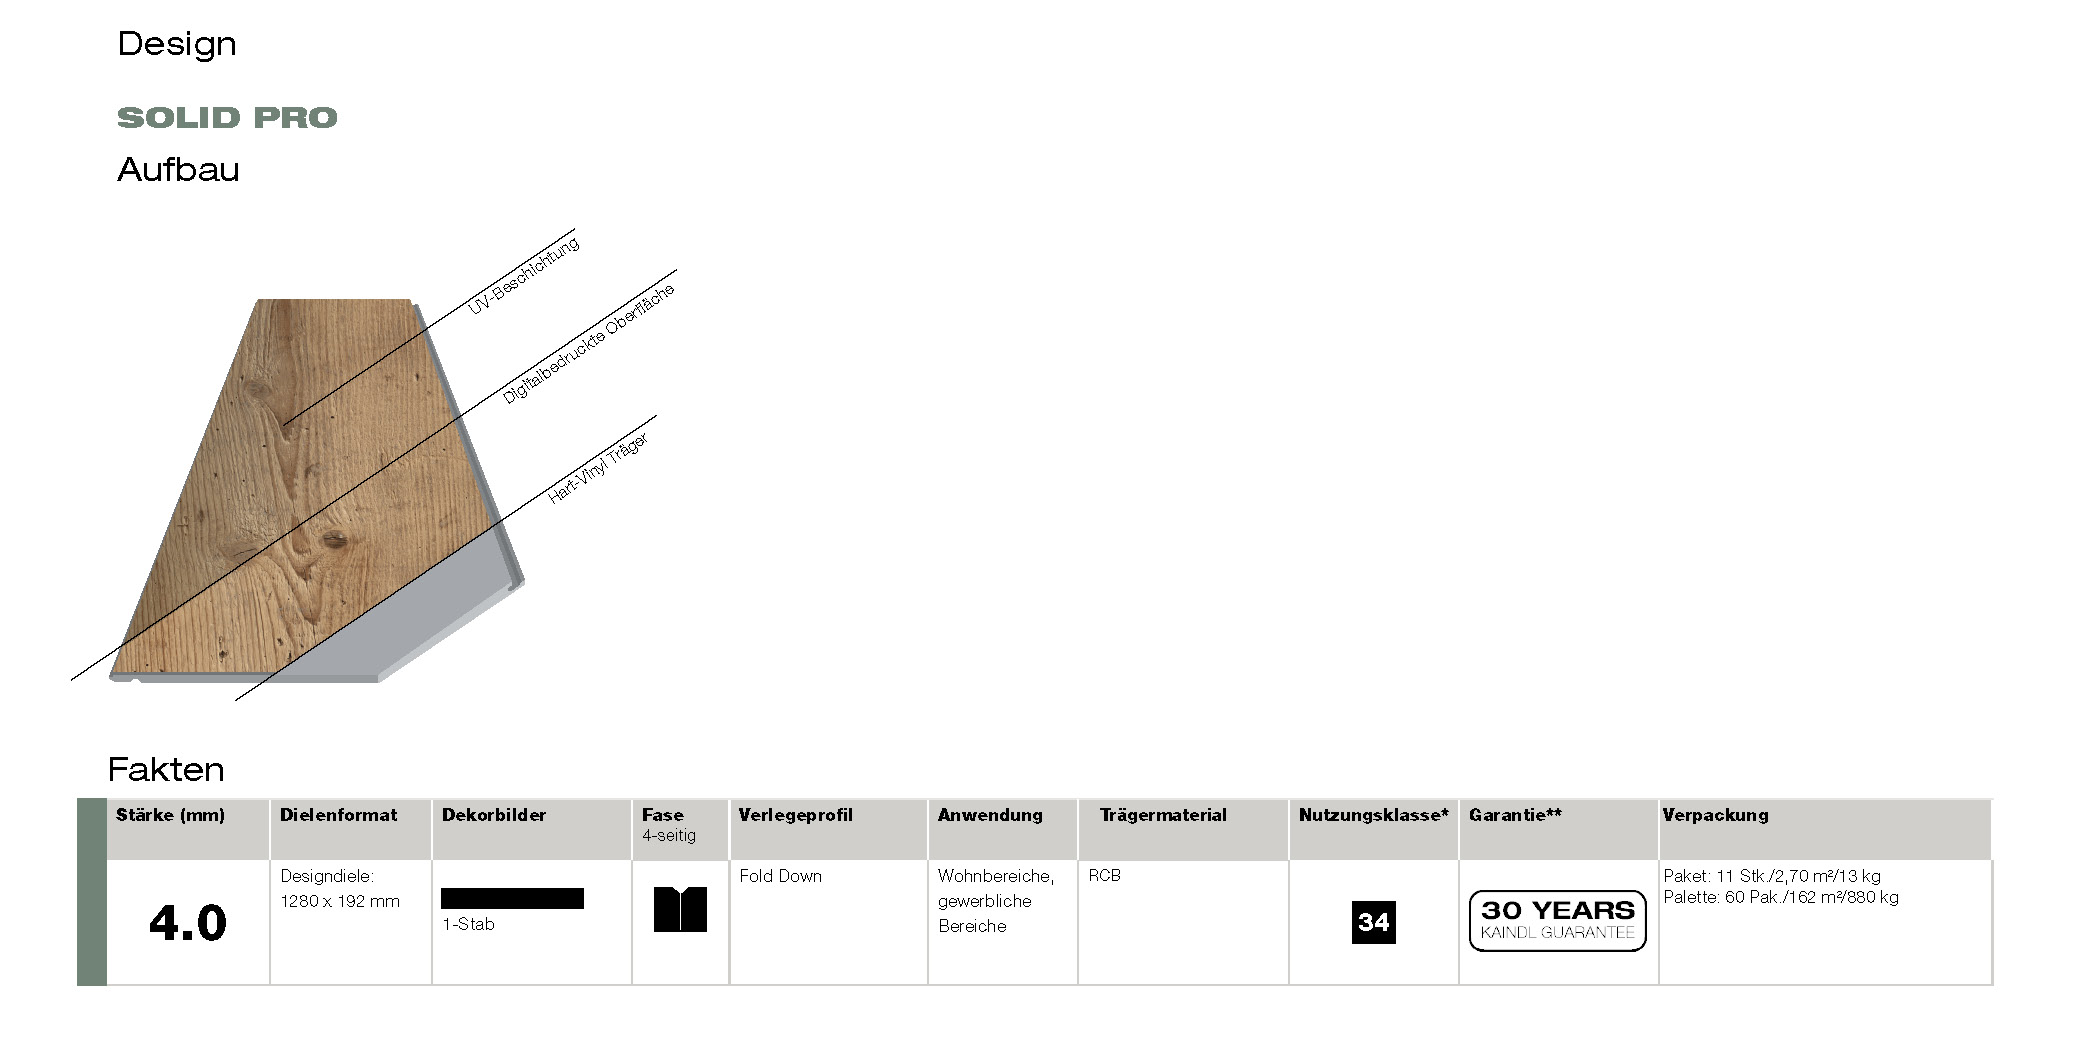 Design_SOLID-PRO